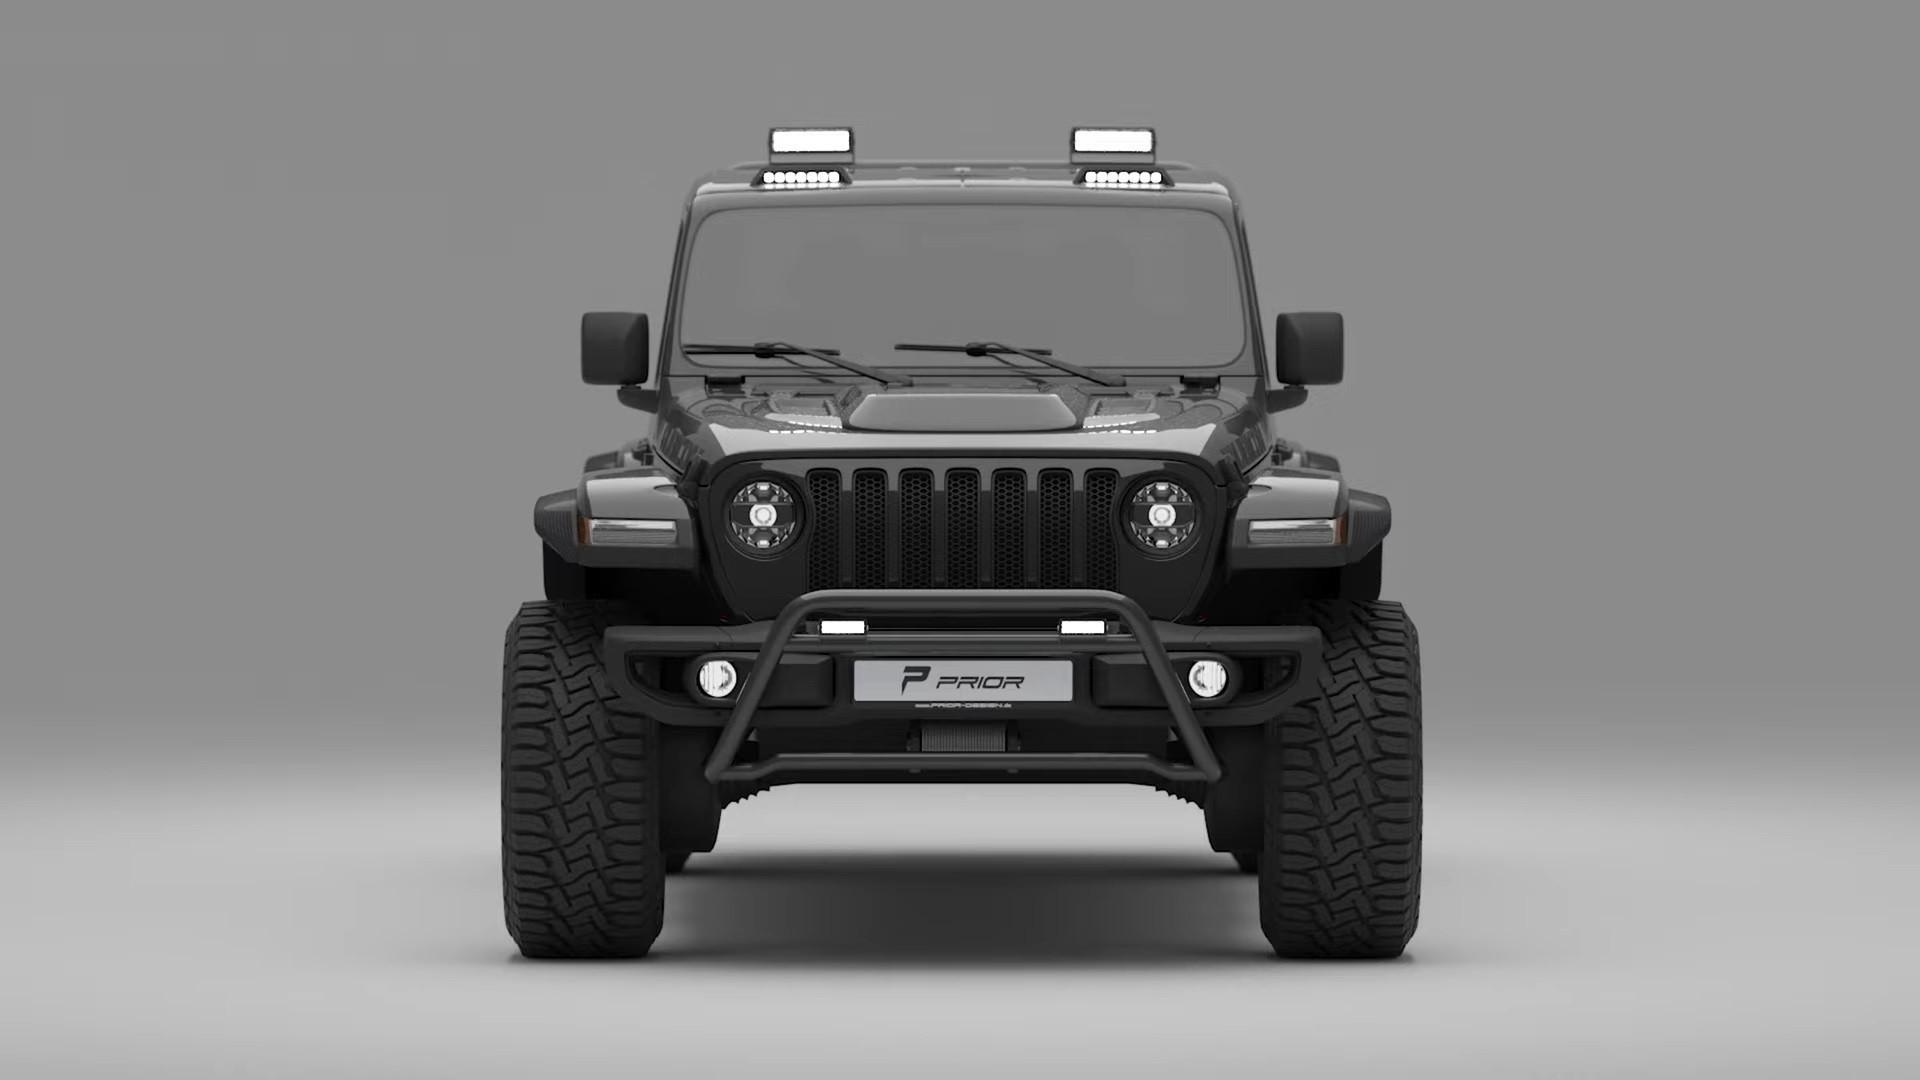 Jeep_Gladiator_Rubicon_by_Prior_Design-0005